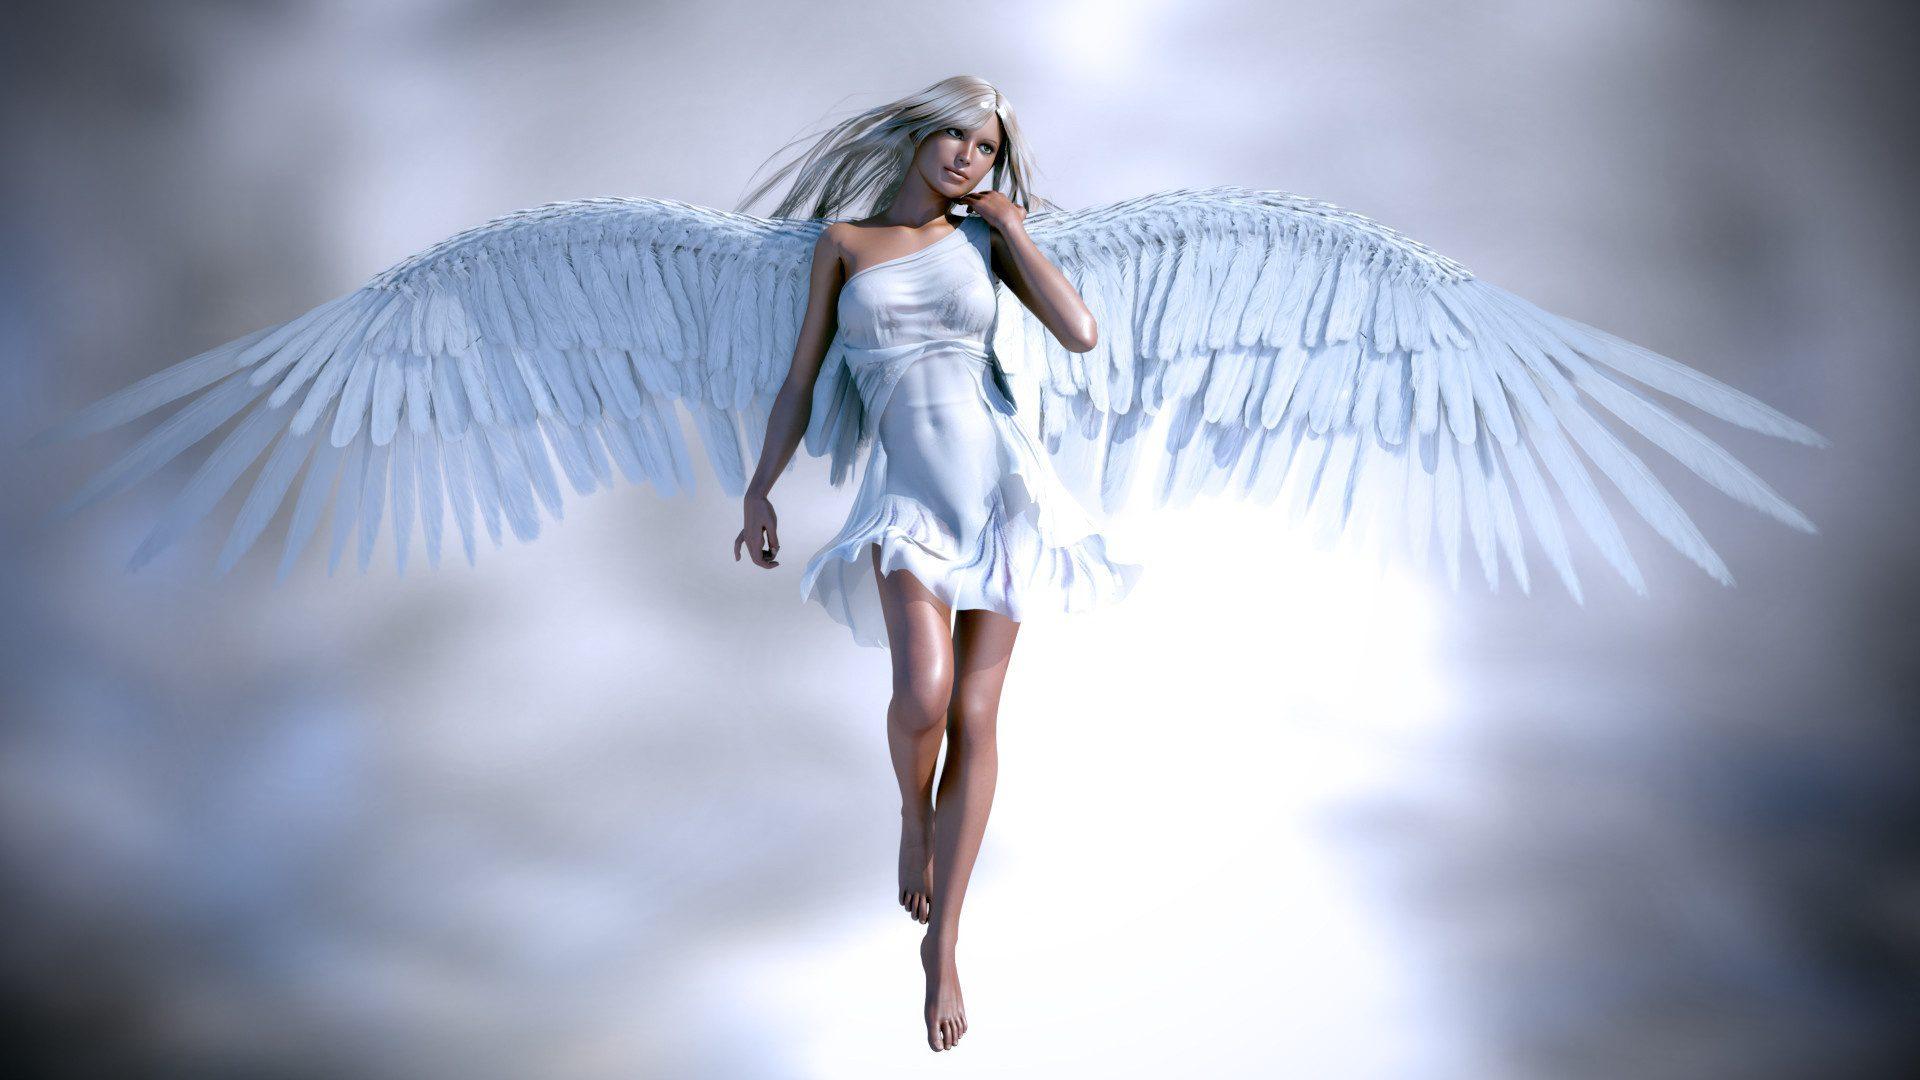 Авы девушек ангелы